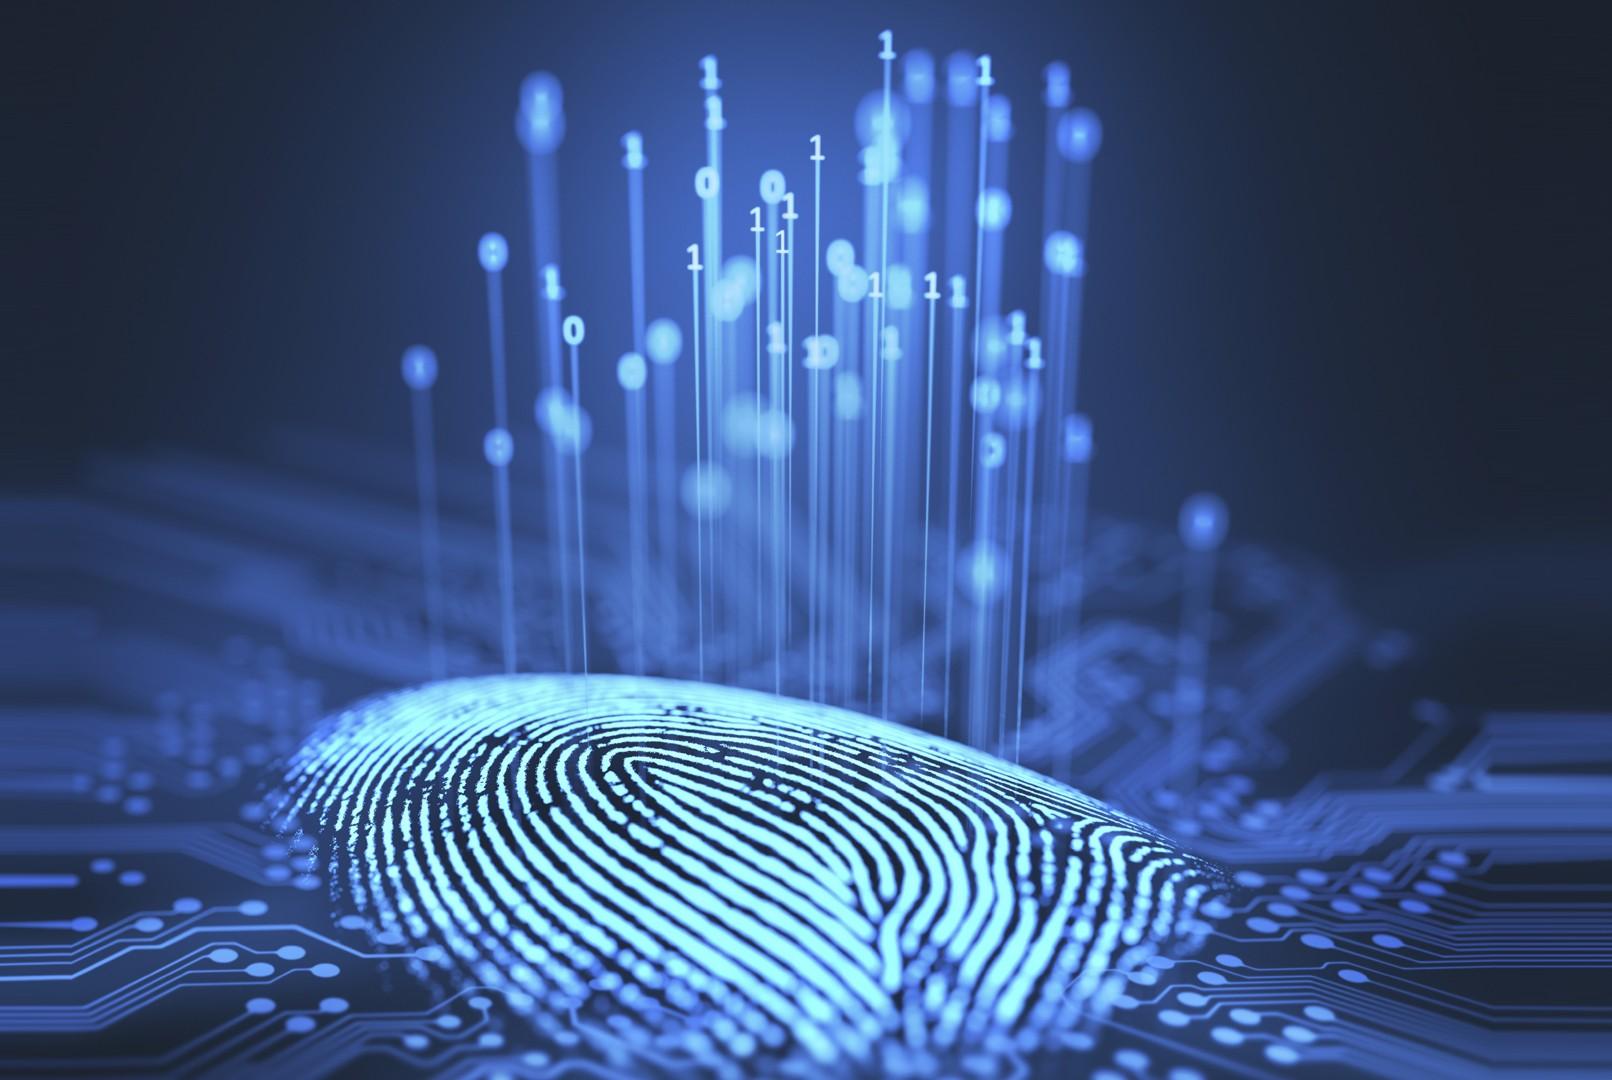 وظائف المستقبل: تخصص الأمن الإلكتروني - لماذا تزدهر وظائف الأمن الإلكتروني؟ - مهندس معلوماتية/ مُطور برامج - مهارات الأمن الرقمي